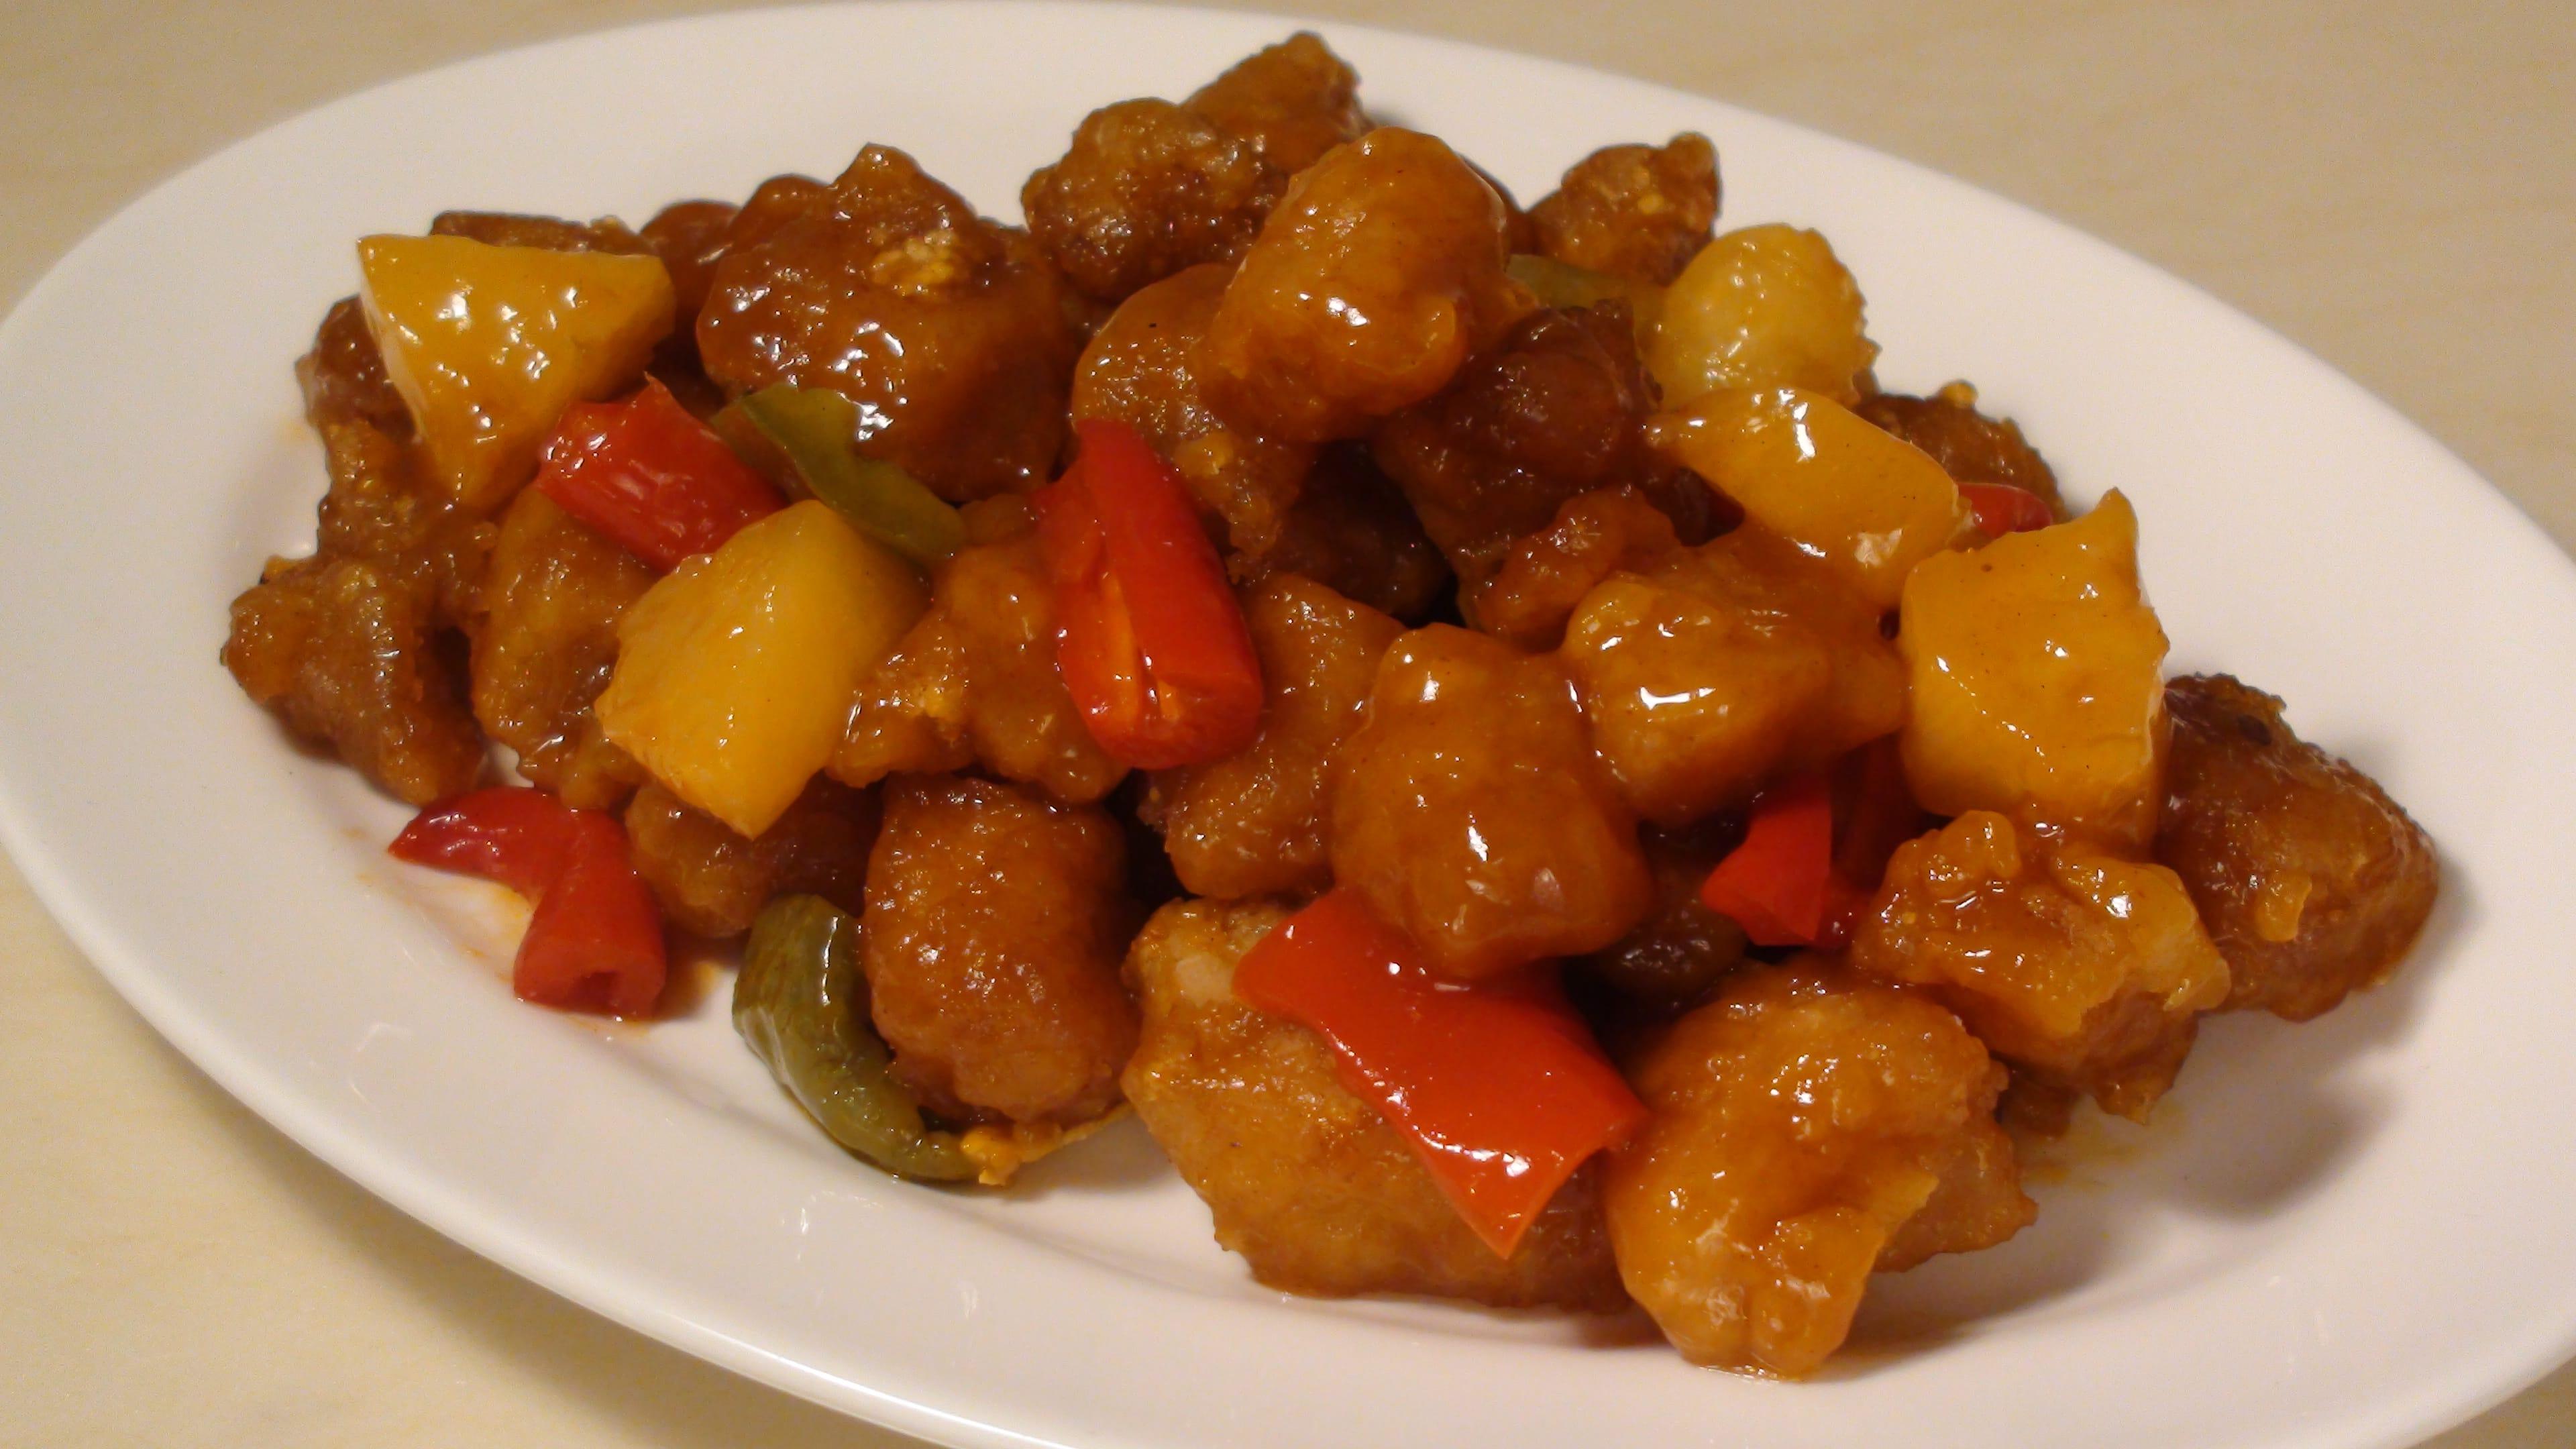 咕噜肉味道酸酸甜甜,口味深受外国人喜爱。(图片:孟惠良)